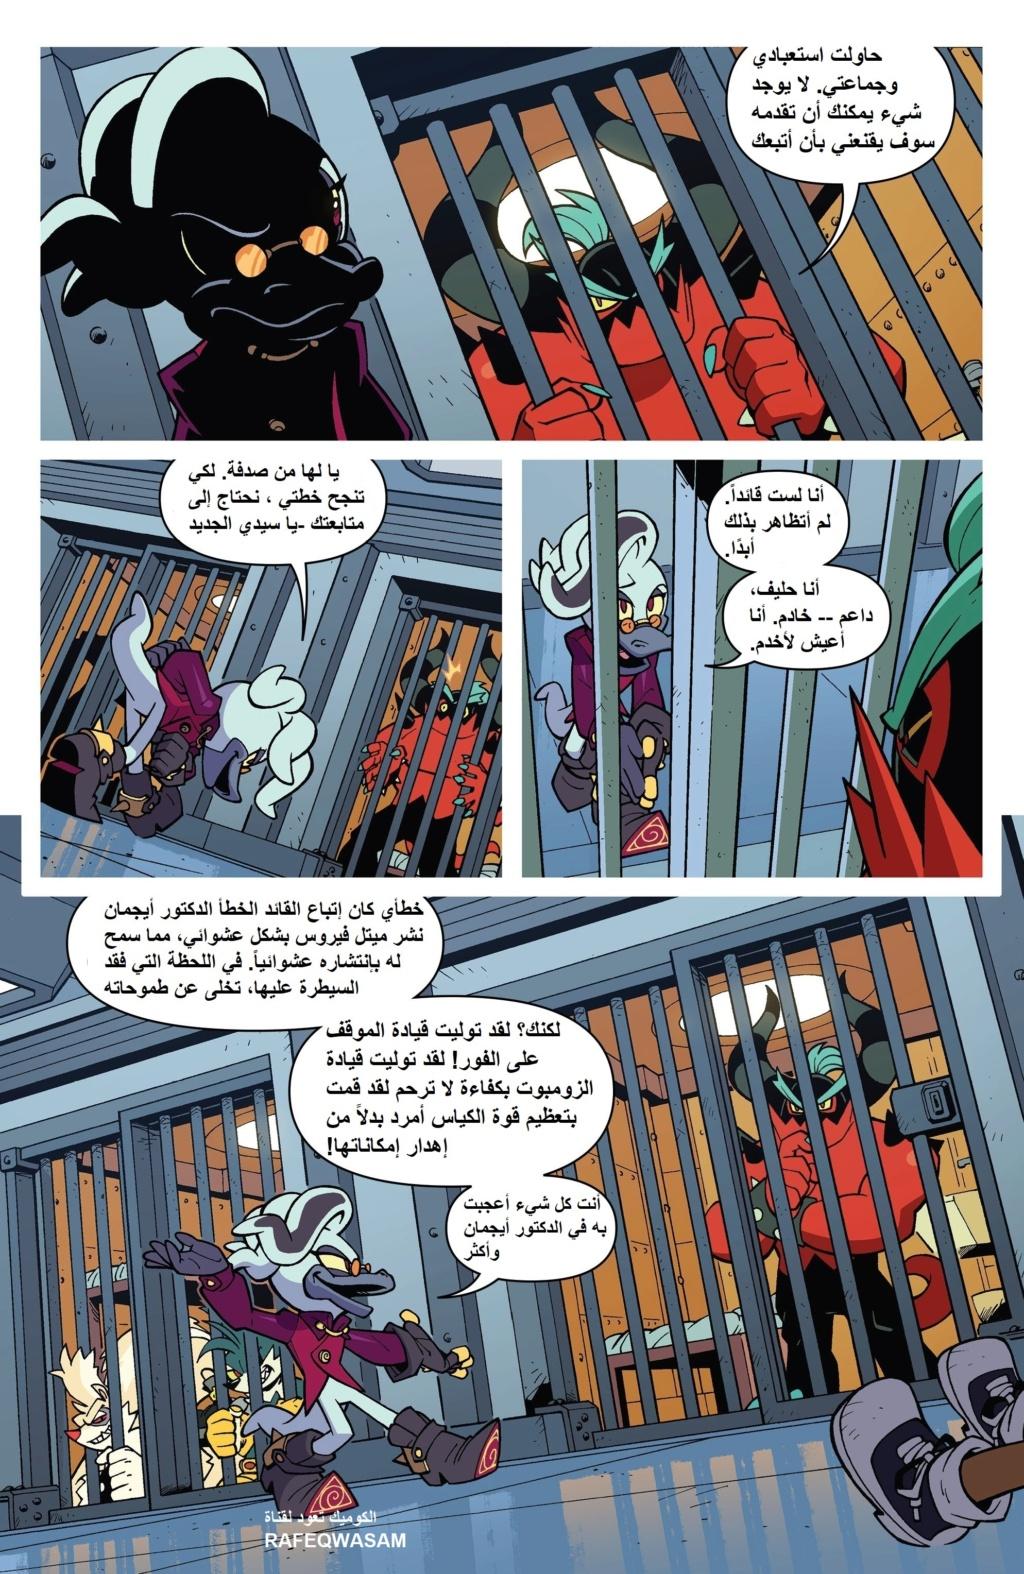 سونيك idw العدد الخاص bad guys العدد 1 كامل ومترجم Rco01326